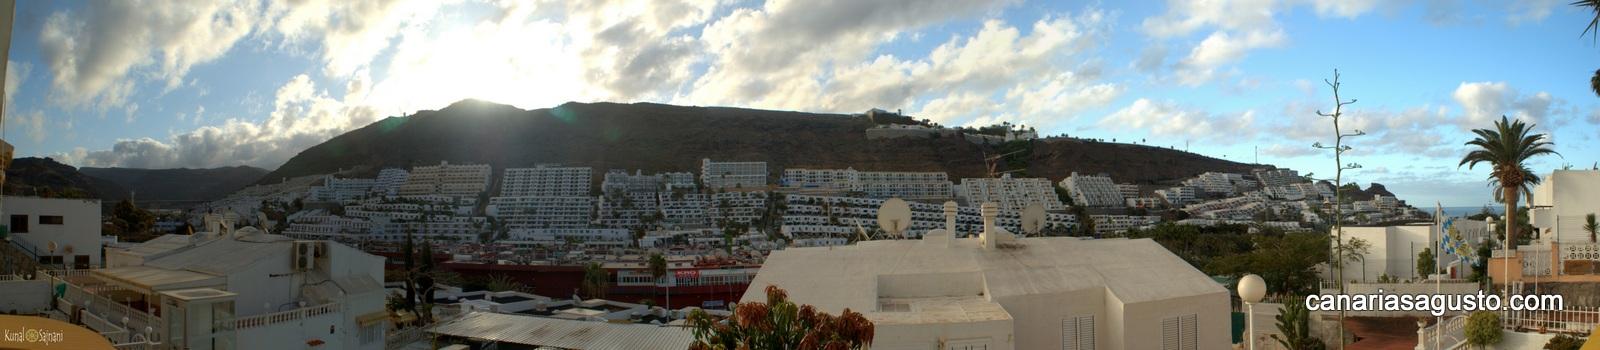 Puerto-Rico-Panorama-13.04.2012 @ 8.51AM